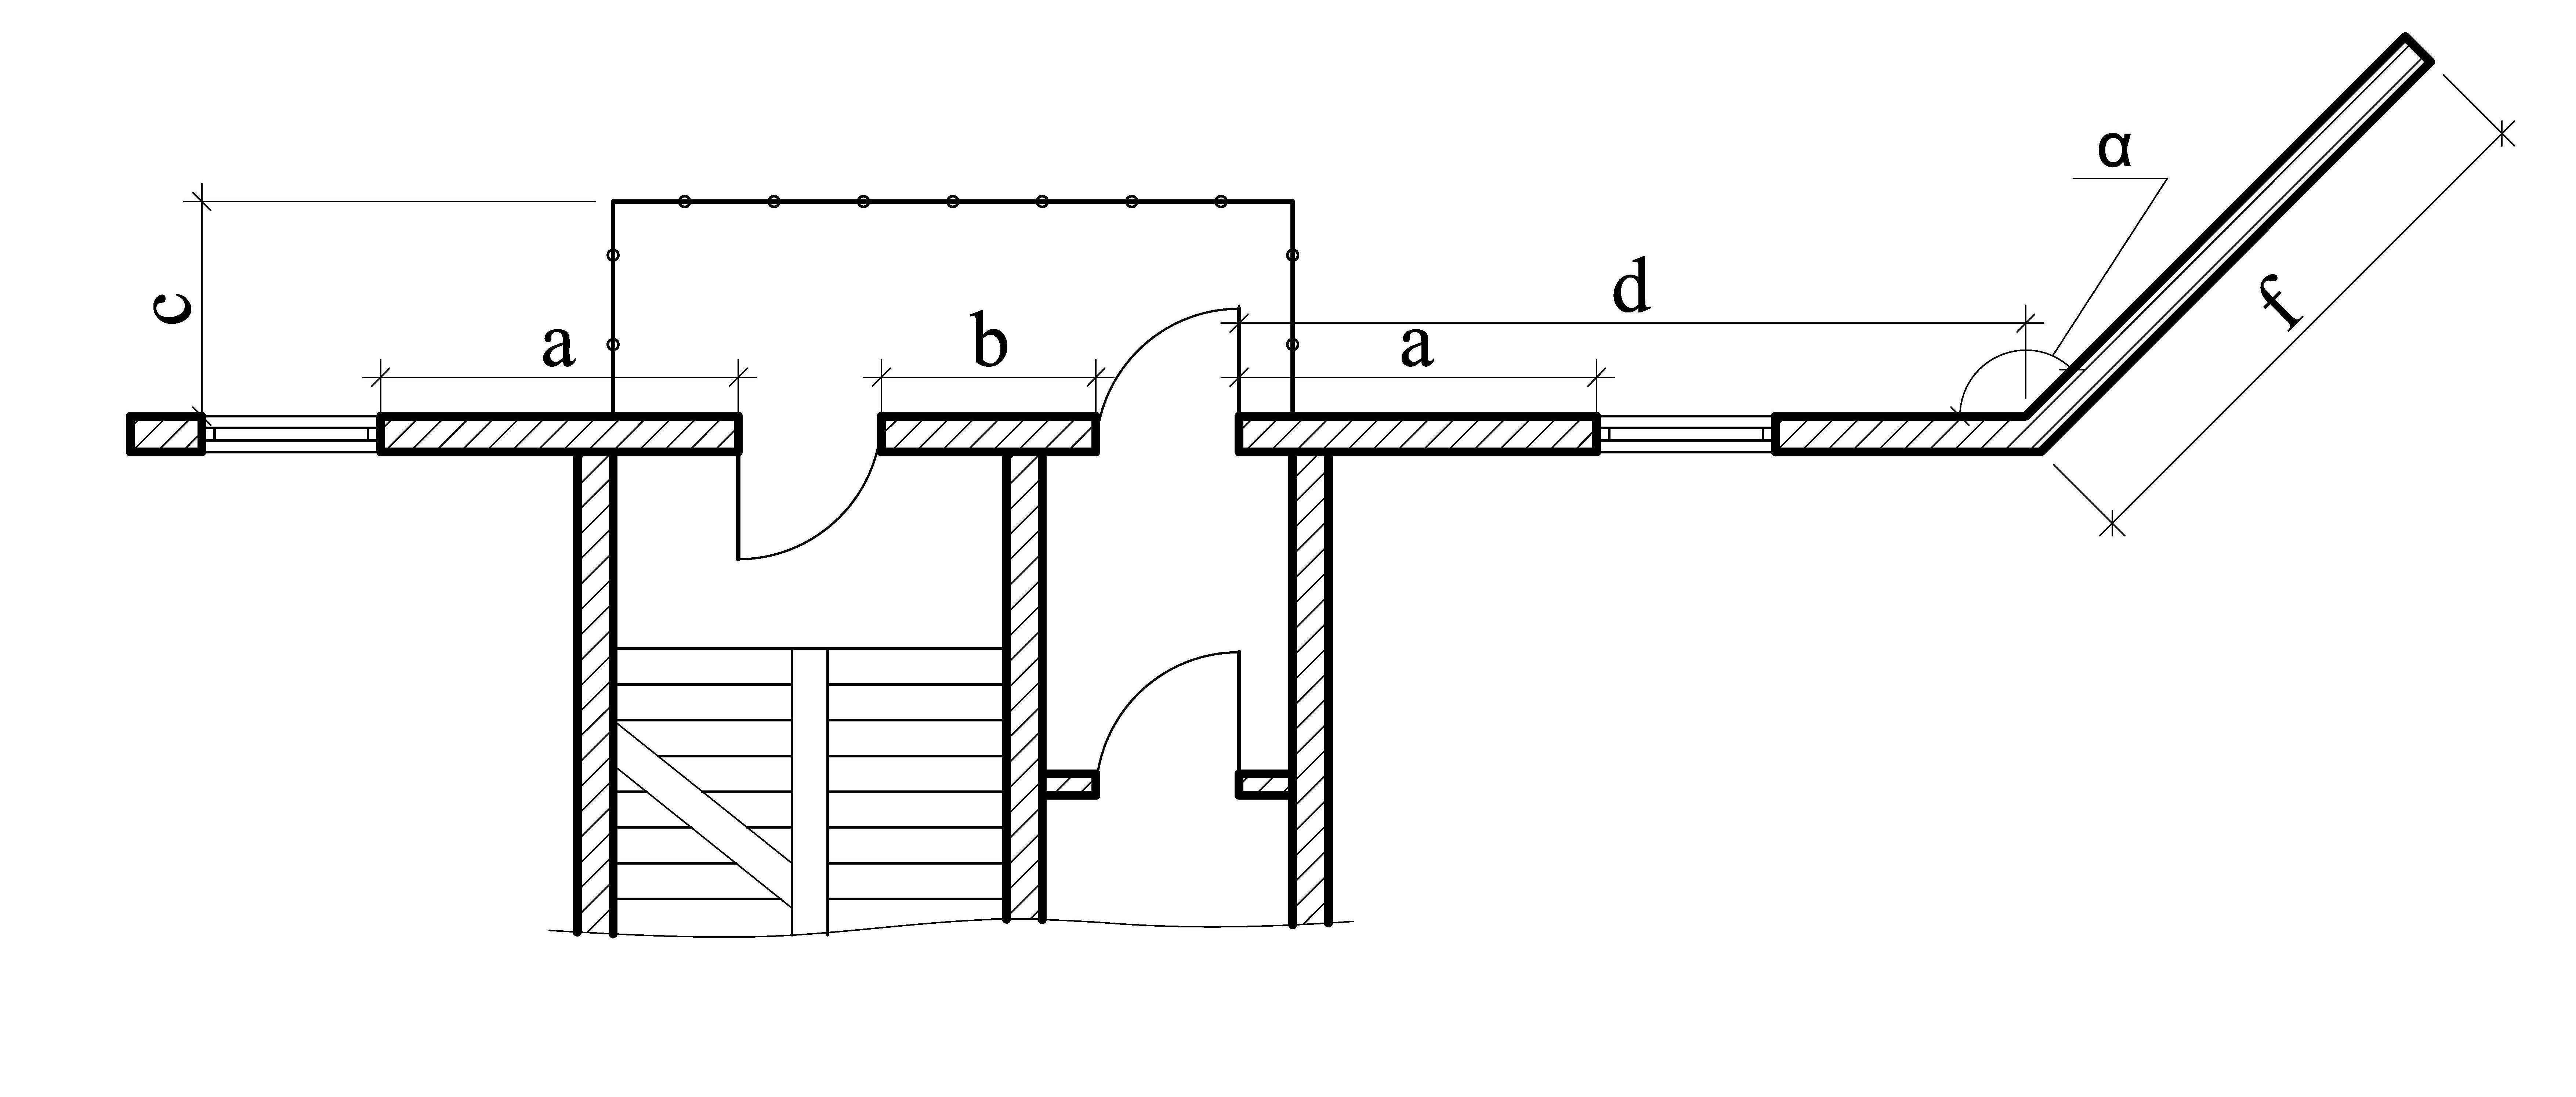 Сп 7.13130.2013 свод правил отопление, вентиляция и кондицио.